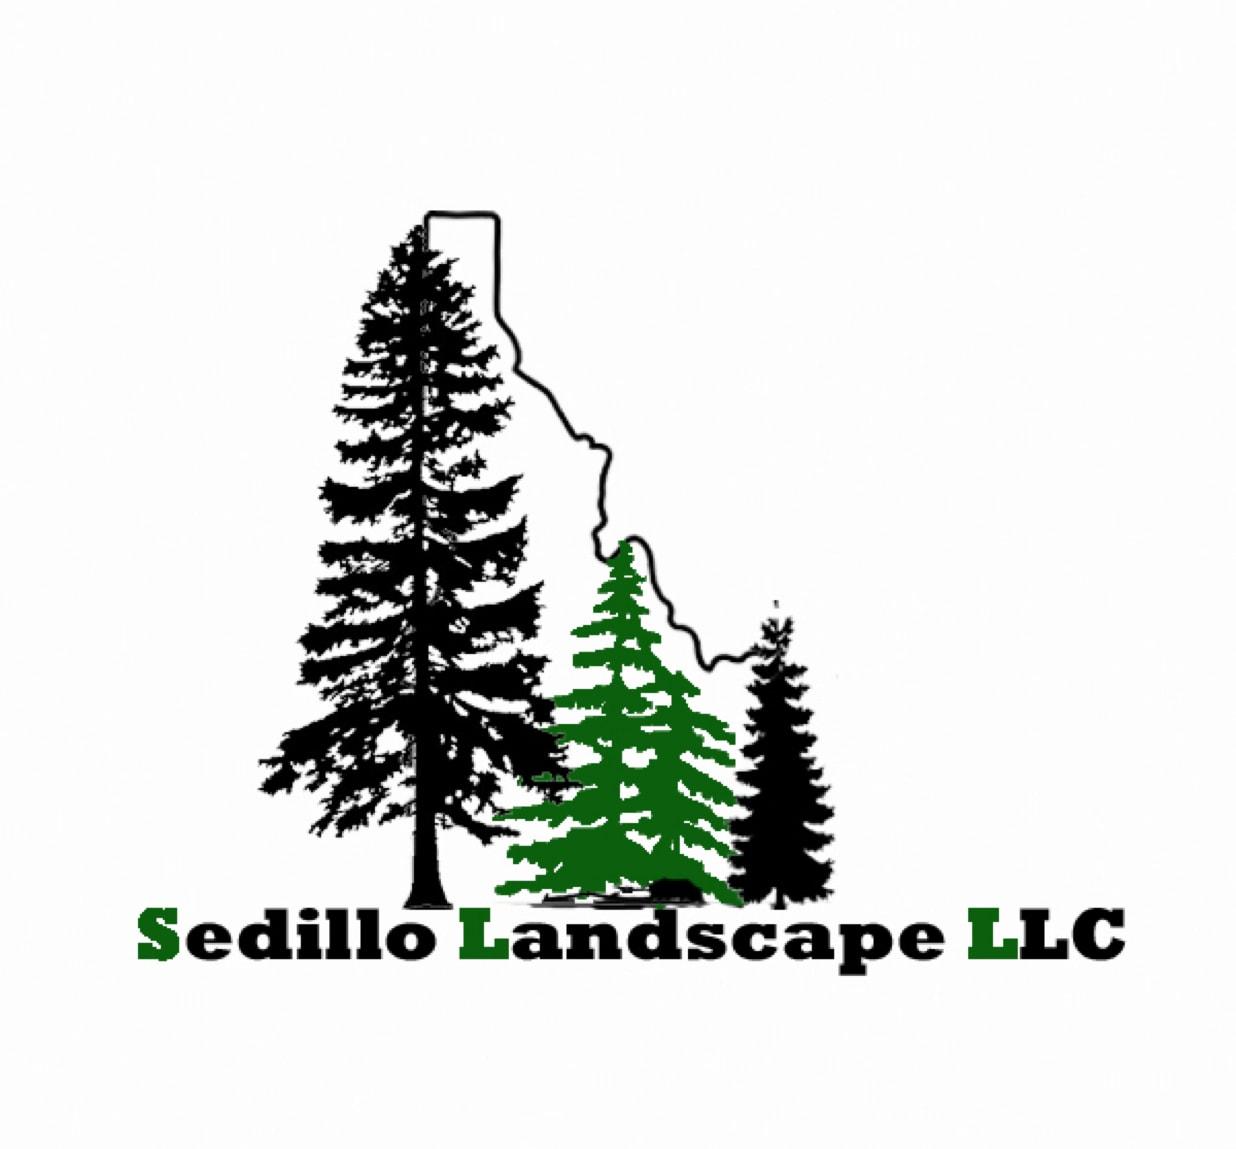 Sedillo Landscape